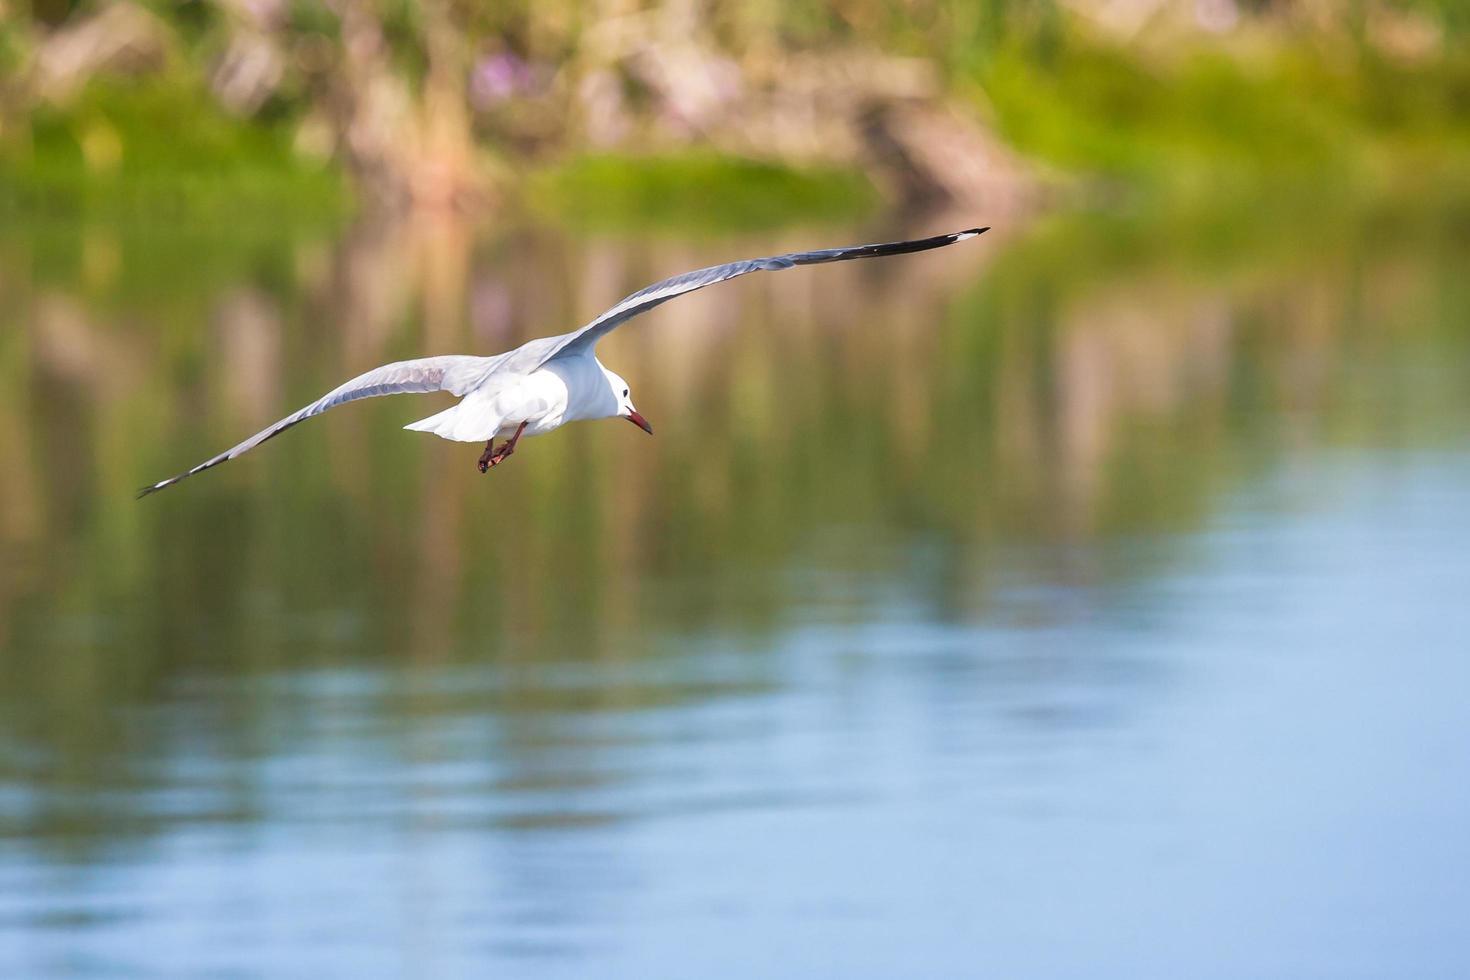 weißer gefiederter Vogel, der über Wasser fliegt foto